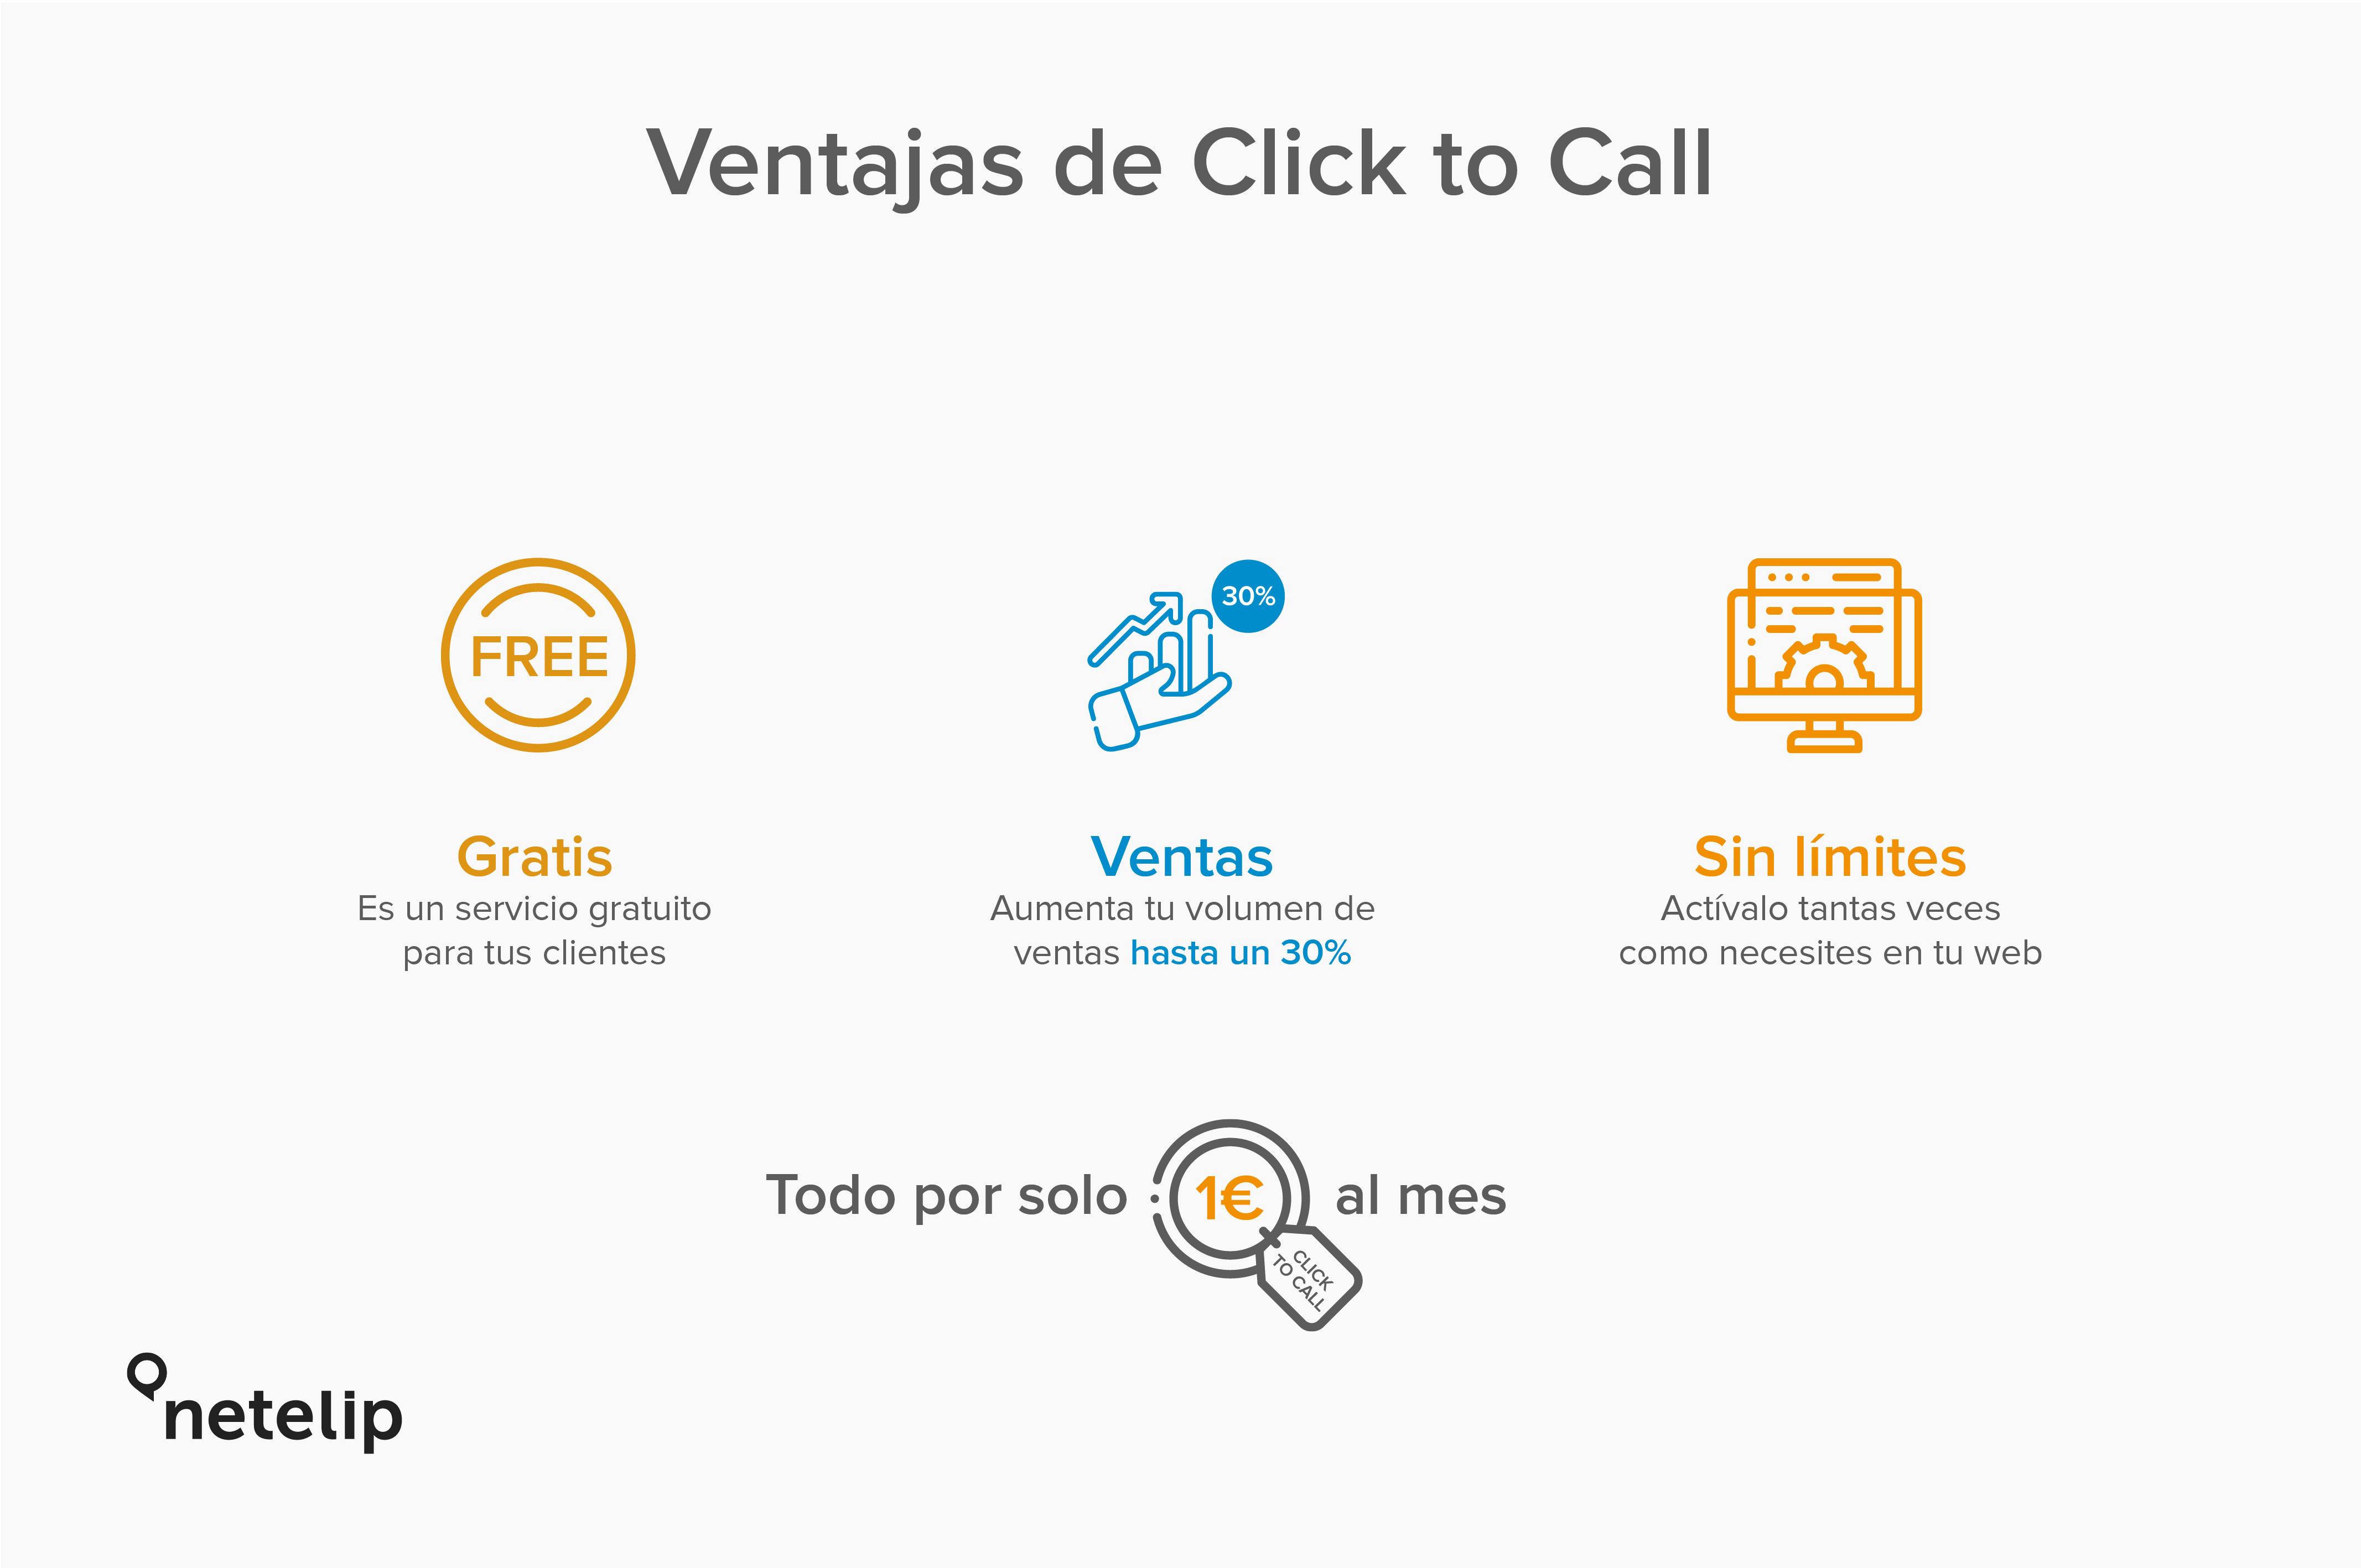 El Click to Call y su multitud de ventajas